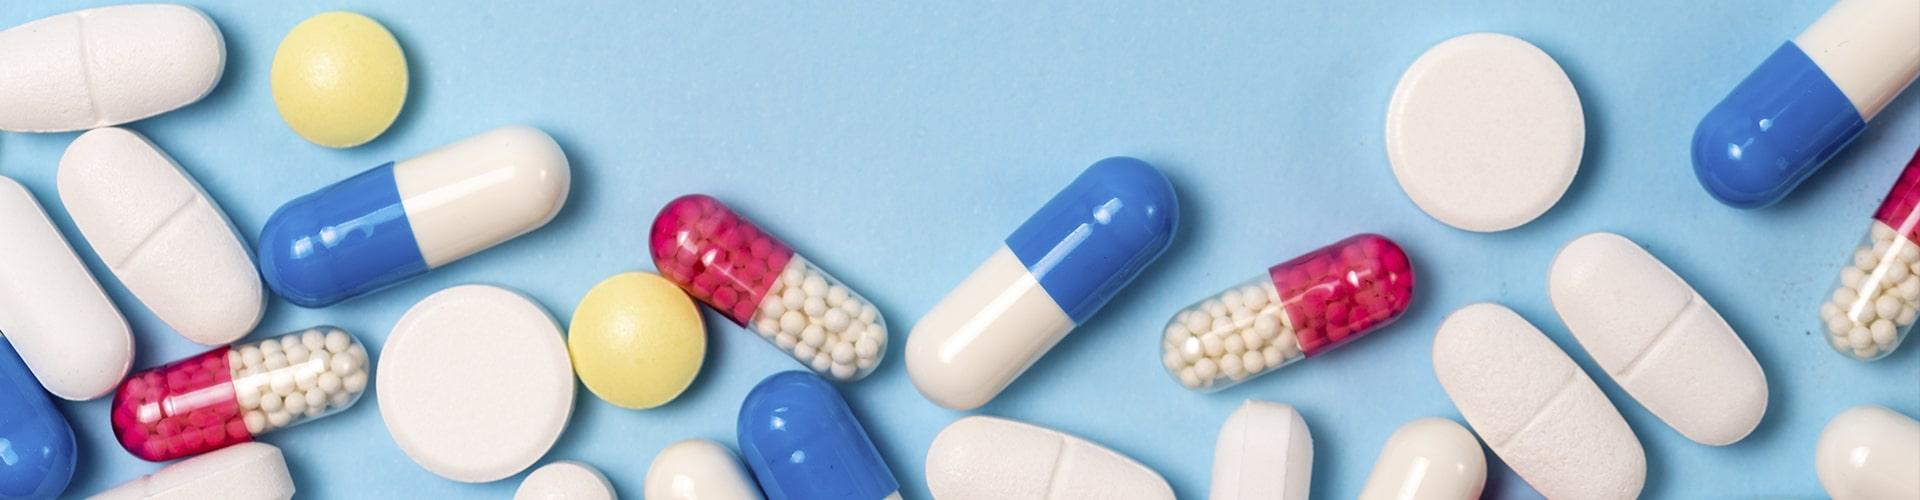 medicamentos con efedrina para adelgazar